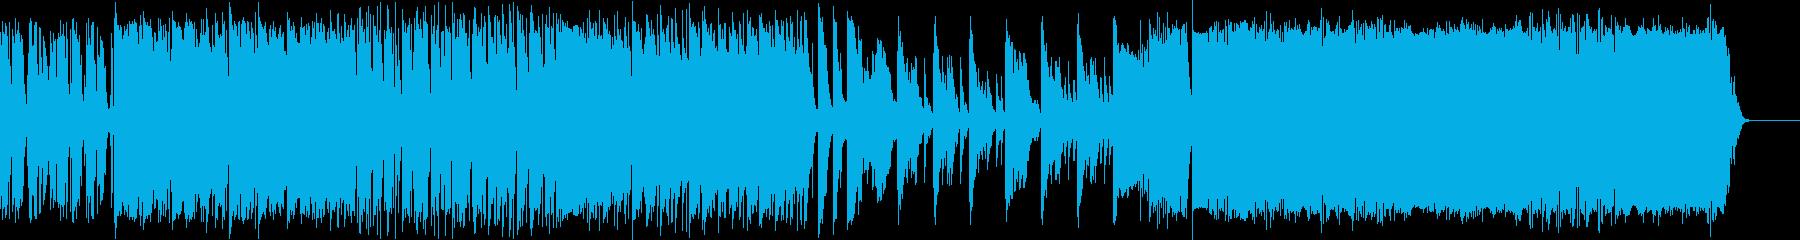 よさこい楽曲風BGM 和風 戦国 の再生済みの波形